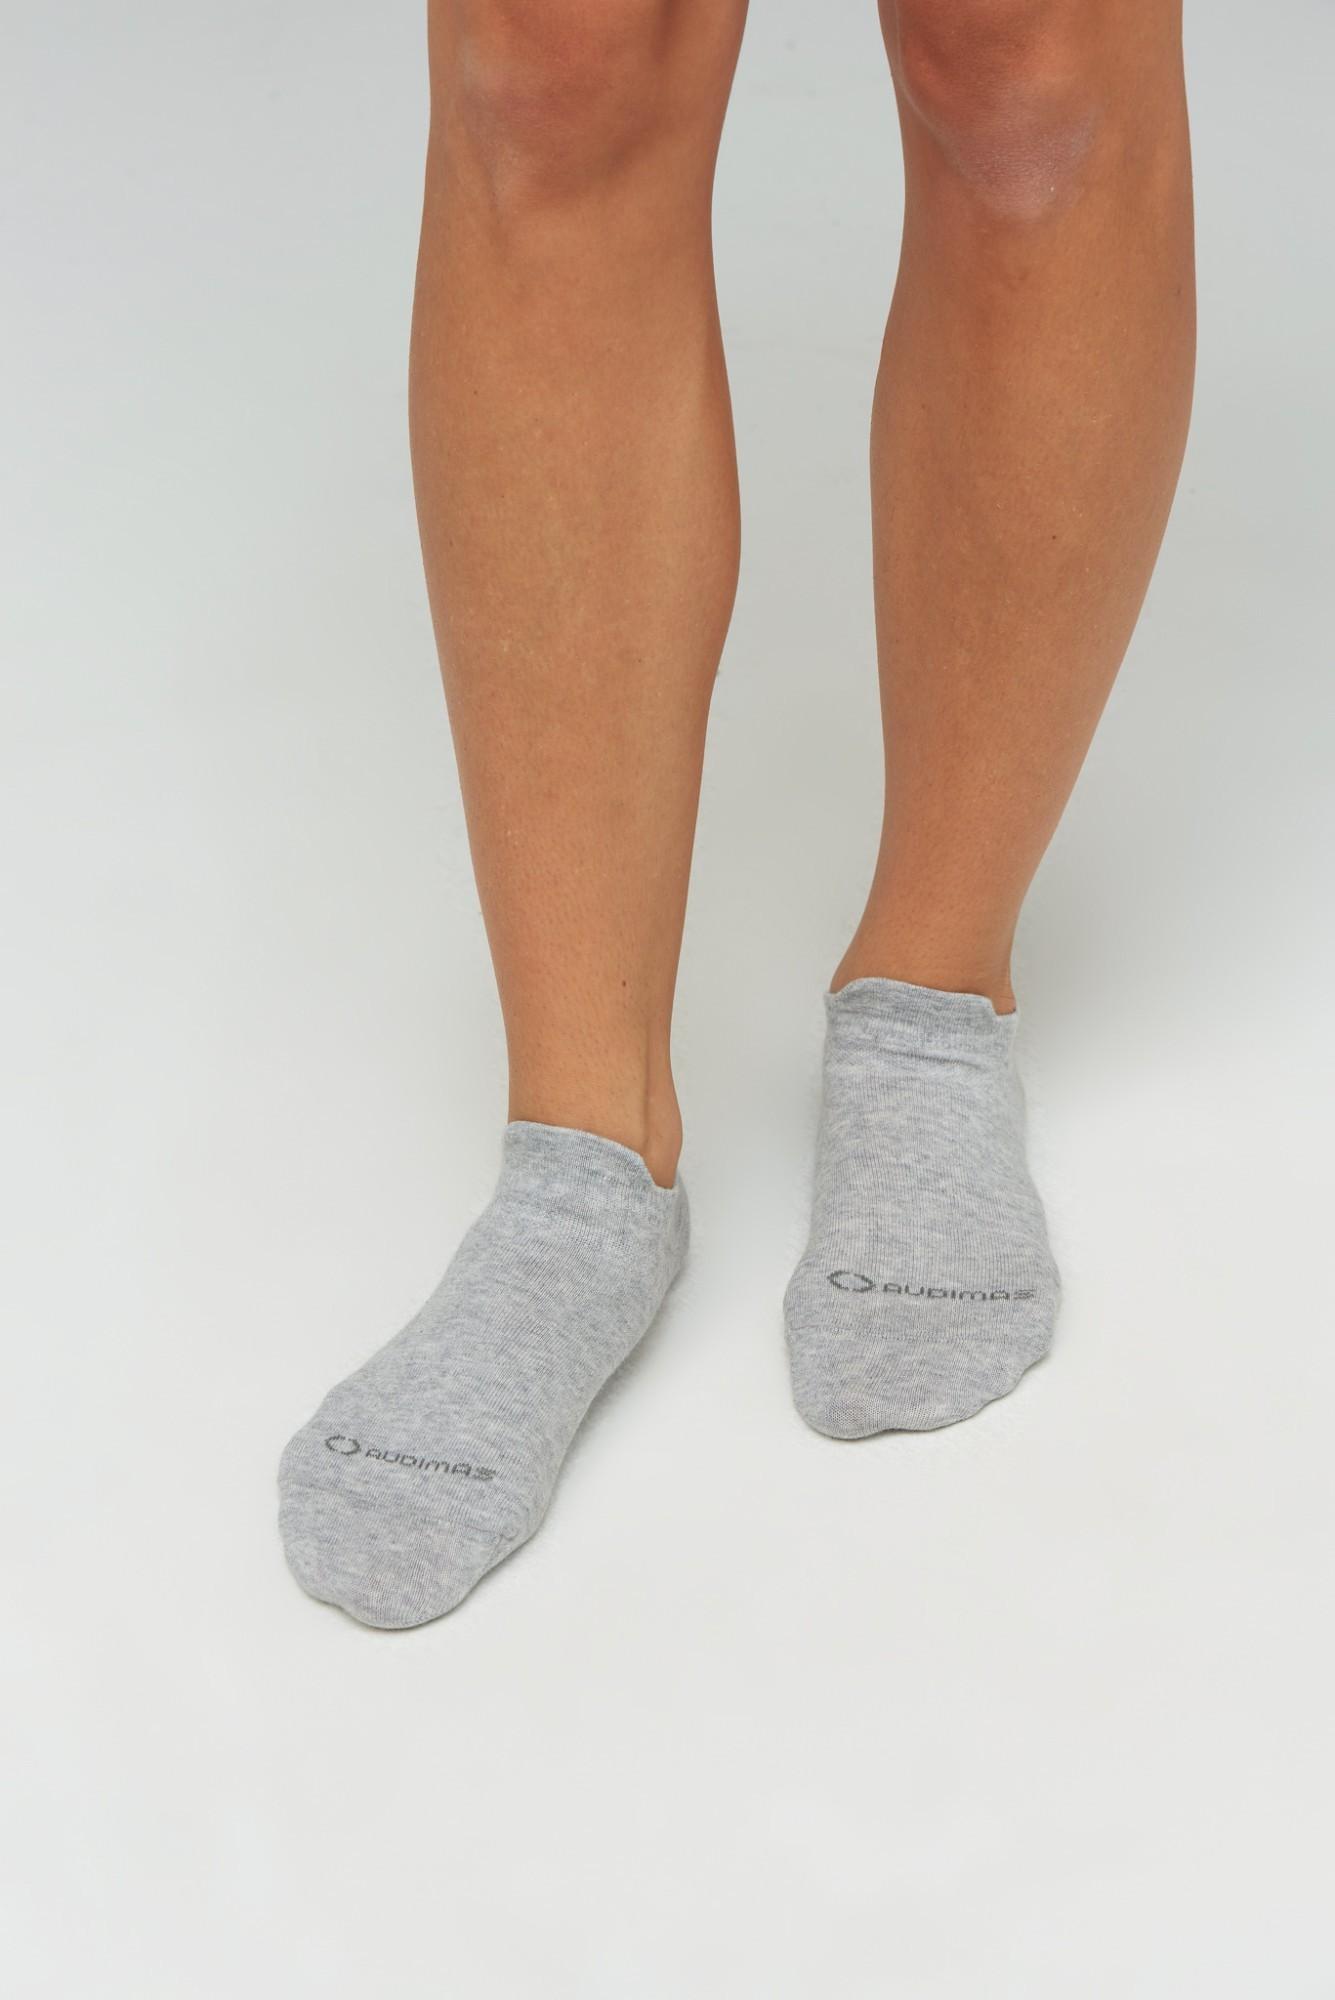 AUDIMAS Trumpos medvilnės pluošto kojinės 1-01-54 White/Grey 41-43